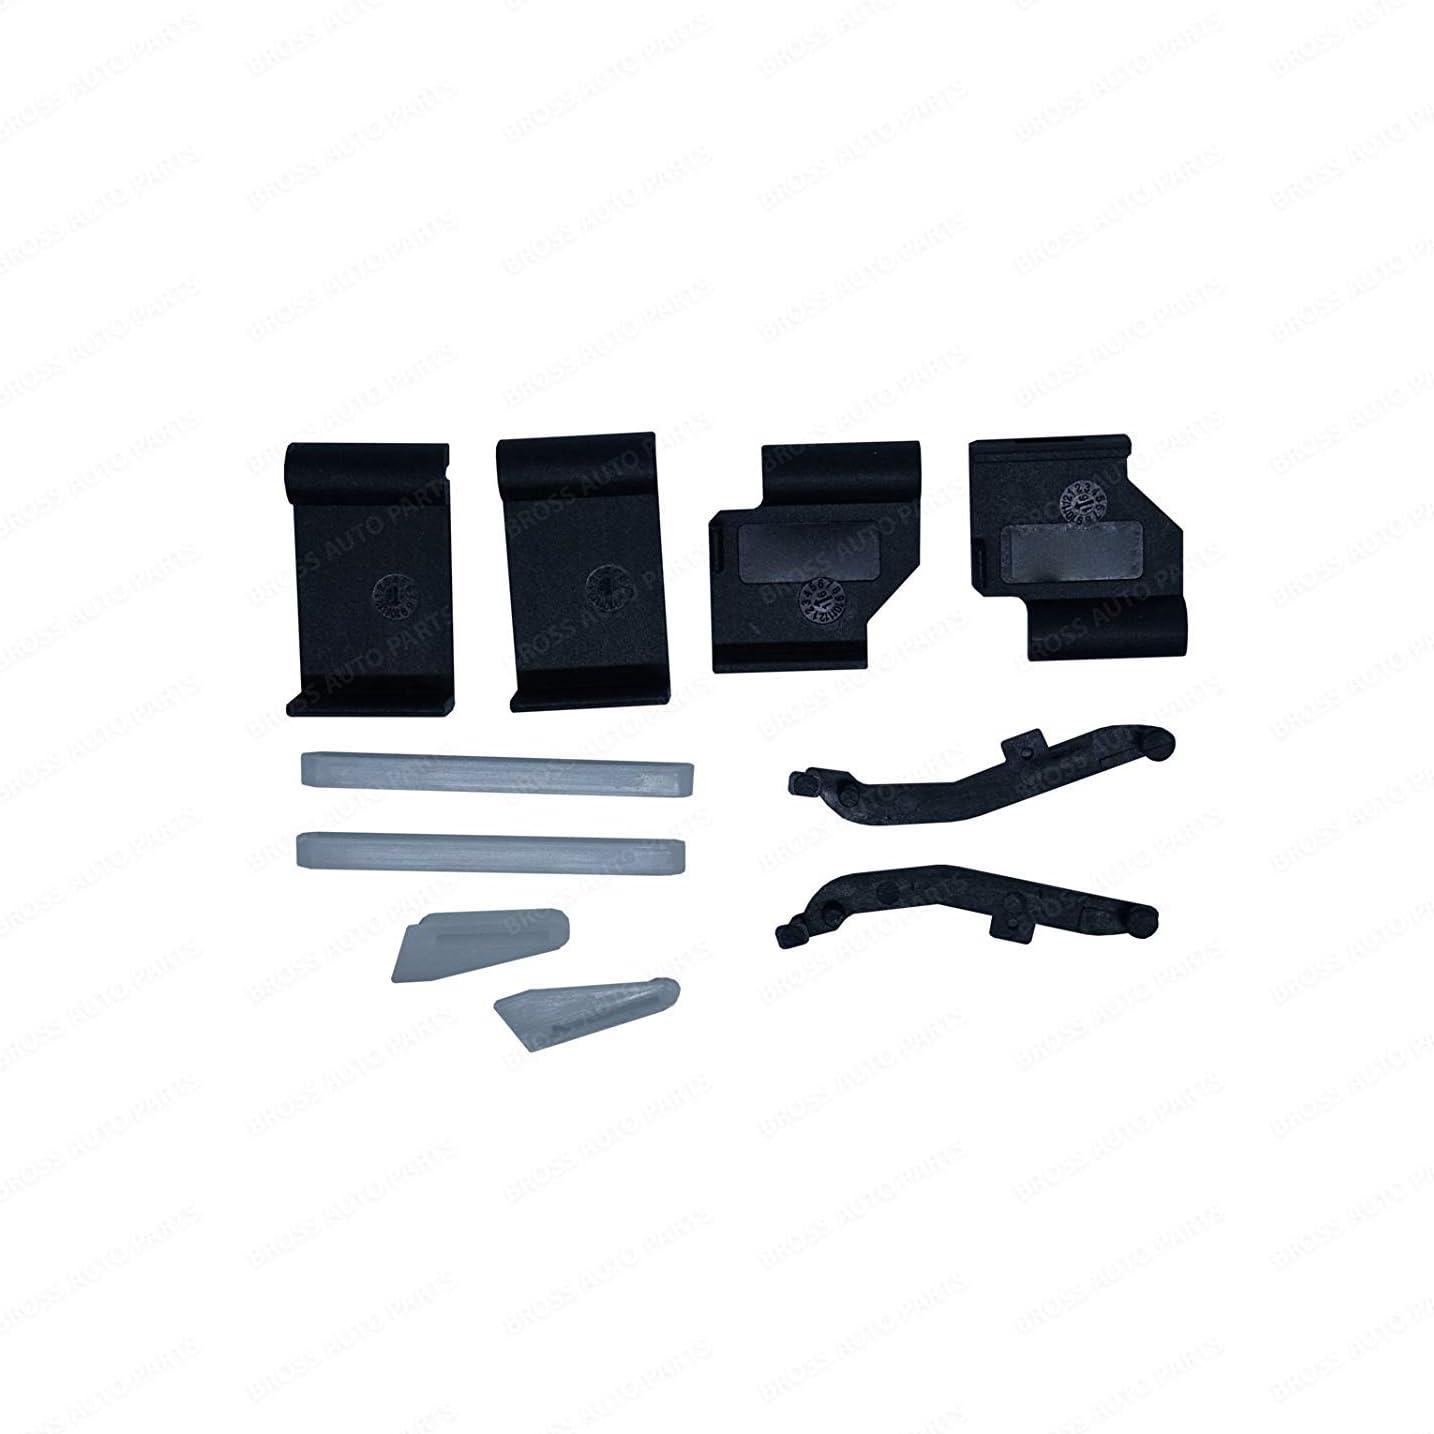 GoGoEu Kit de reparaci/ón de Techo Solar de 10 Piezas para X5 E53 X3 E83 Type2